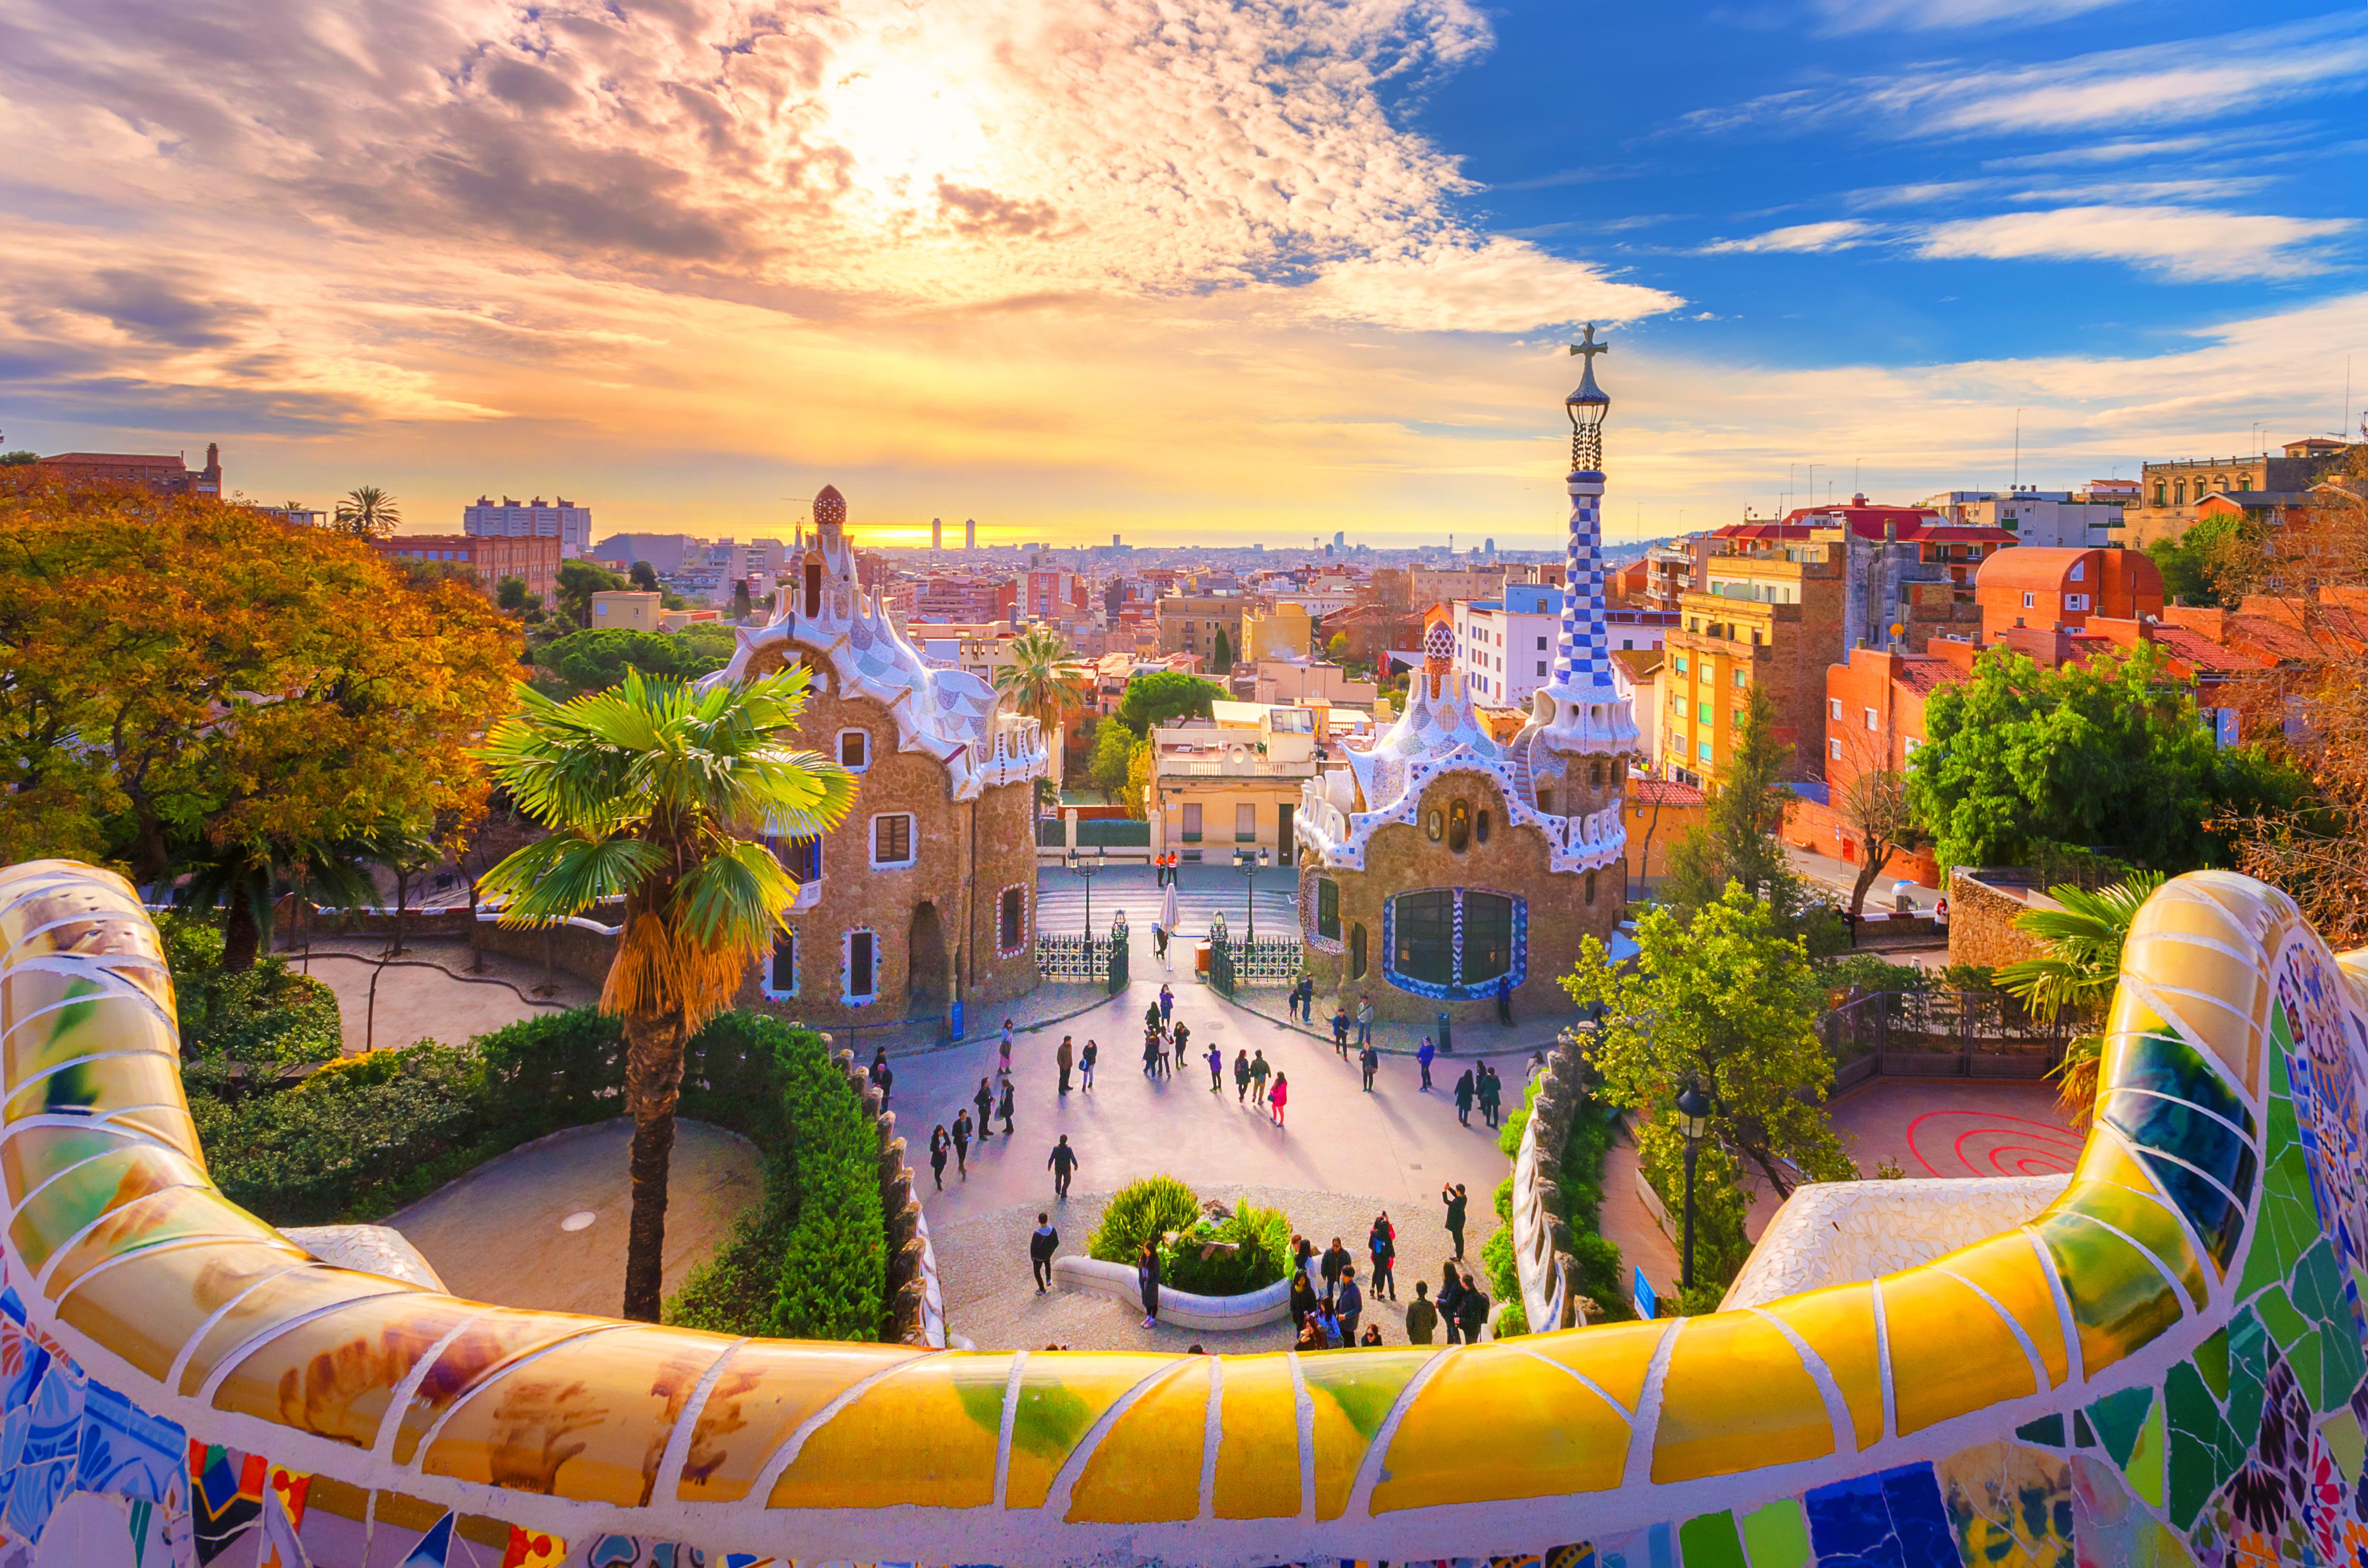 Барселона в Испании, стране, где иностранцы могут получить ВНЖ после инвестиций в недвижимость